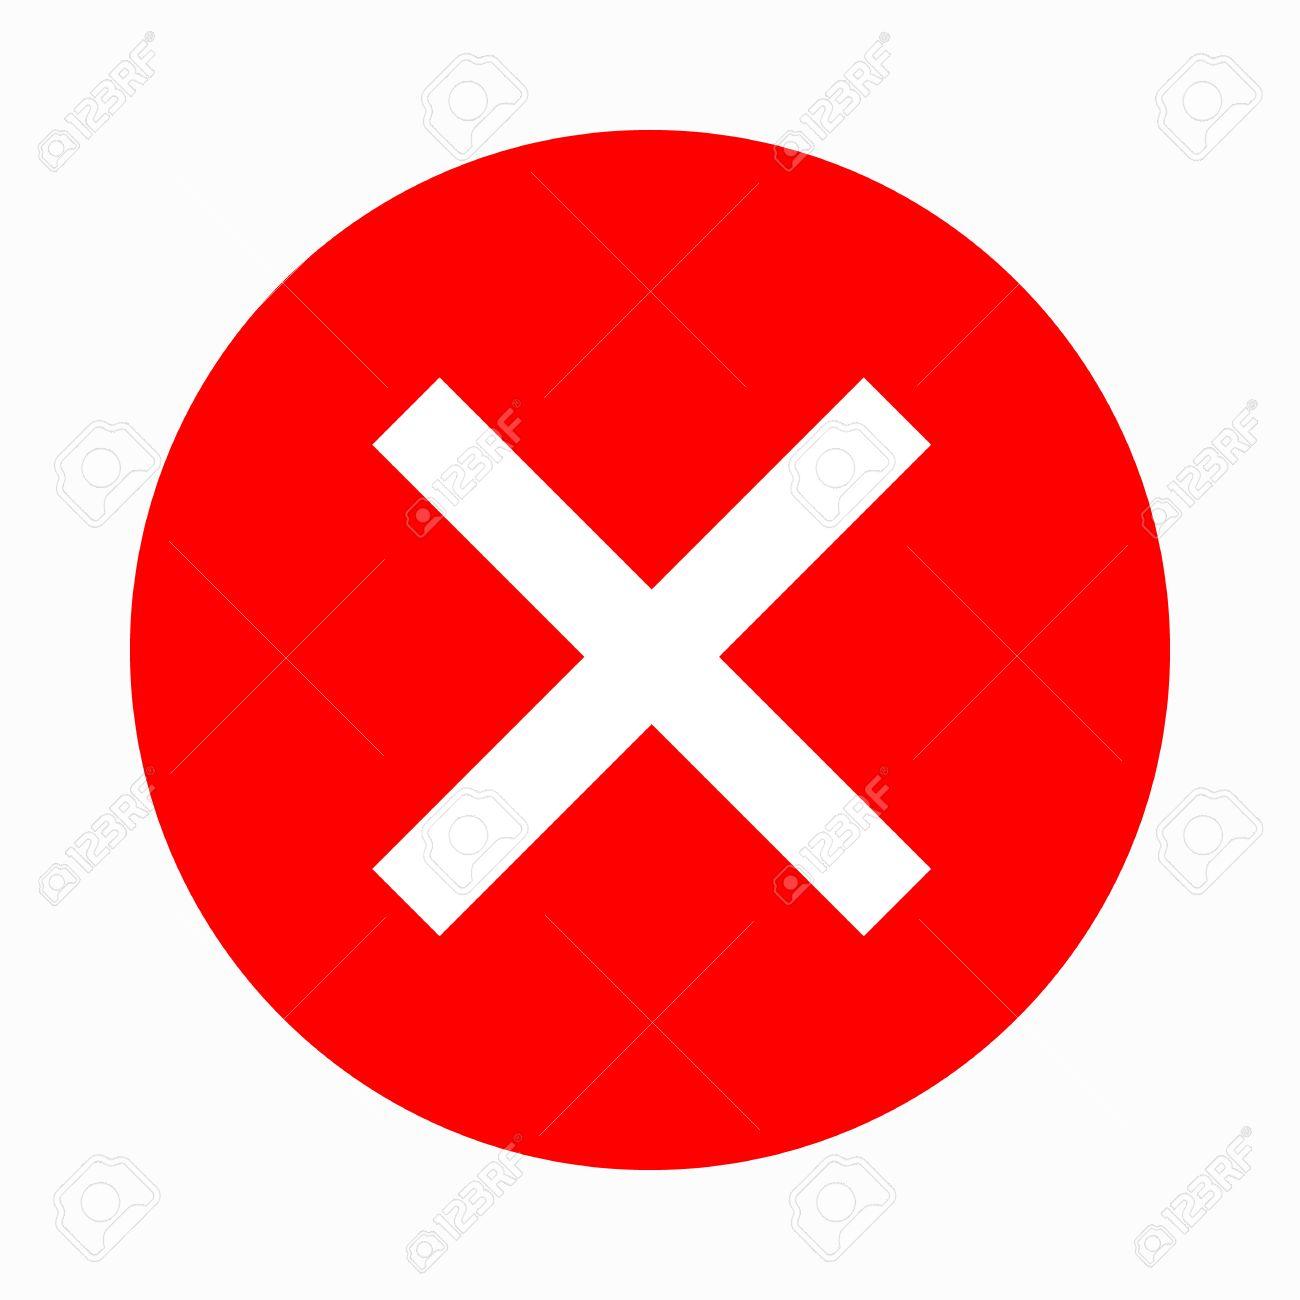 Rotes kreuz symbol  Rotes Kreuz, Häkchen-Symbol In Einfachen Stil Auf Einem Weißen ...